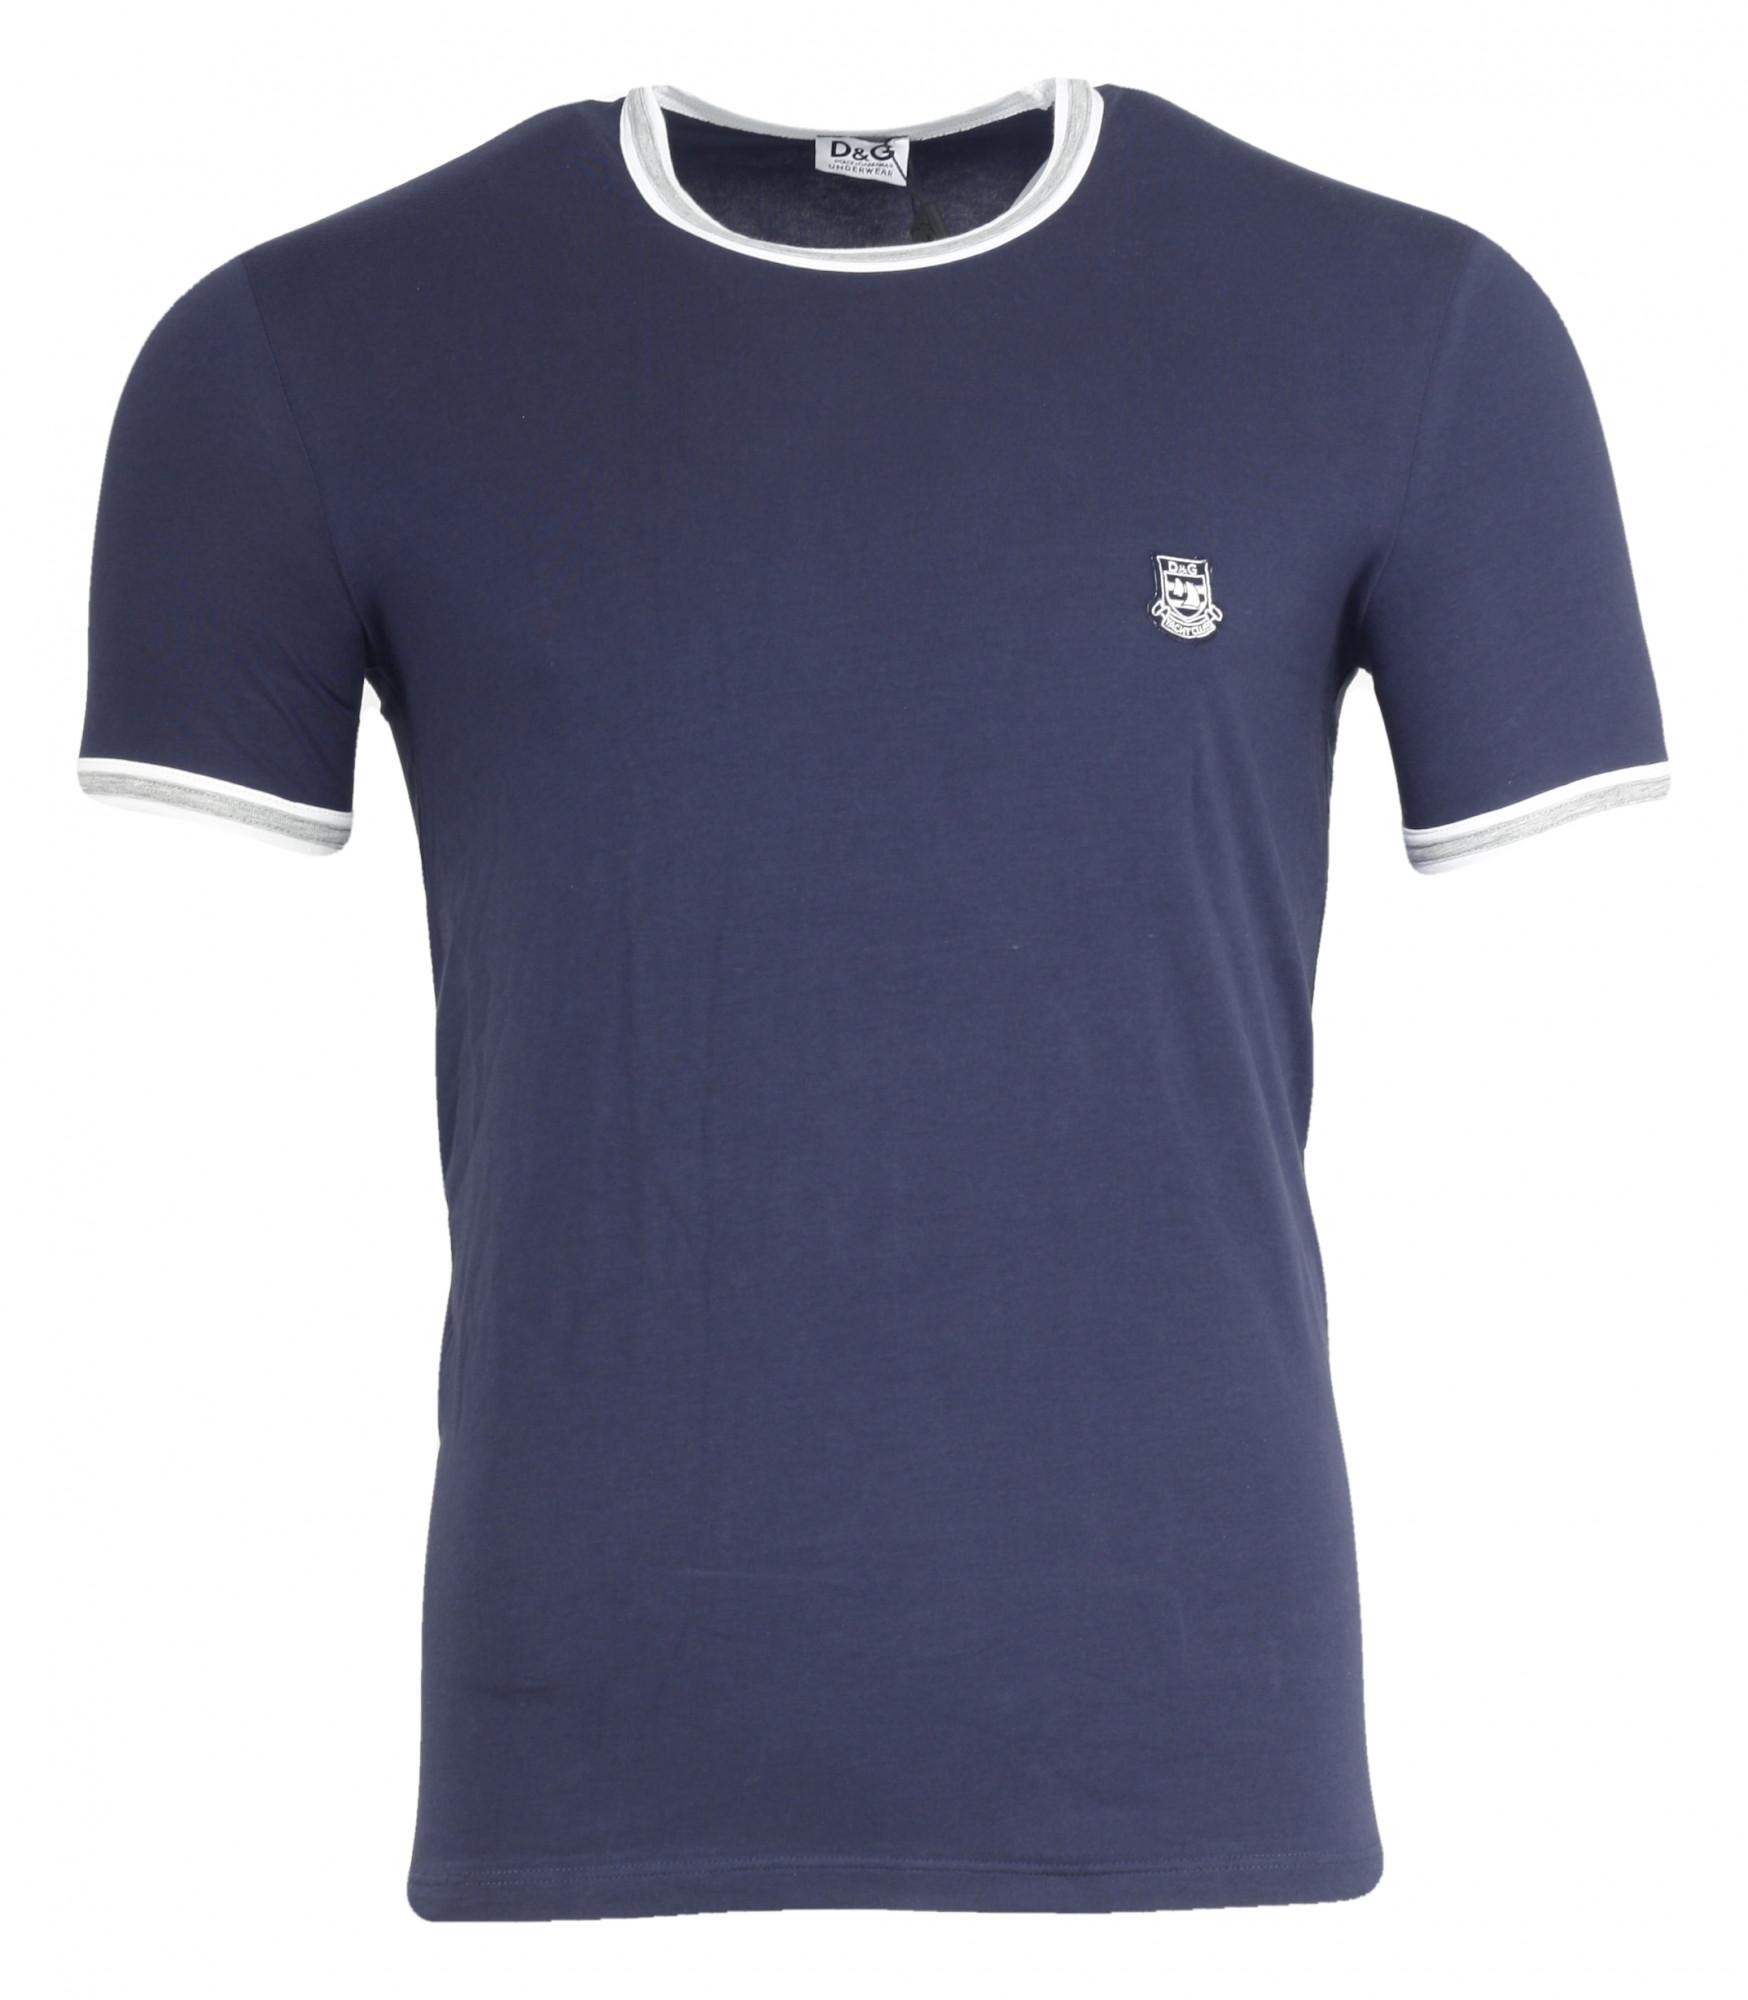 Pánské tričko M30783 - Dolce Gabbana Barva: modrá, Velikost: L